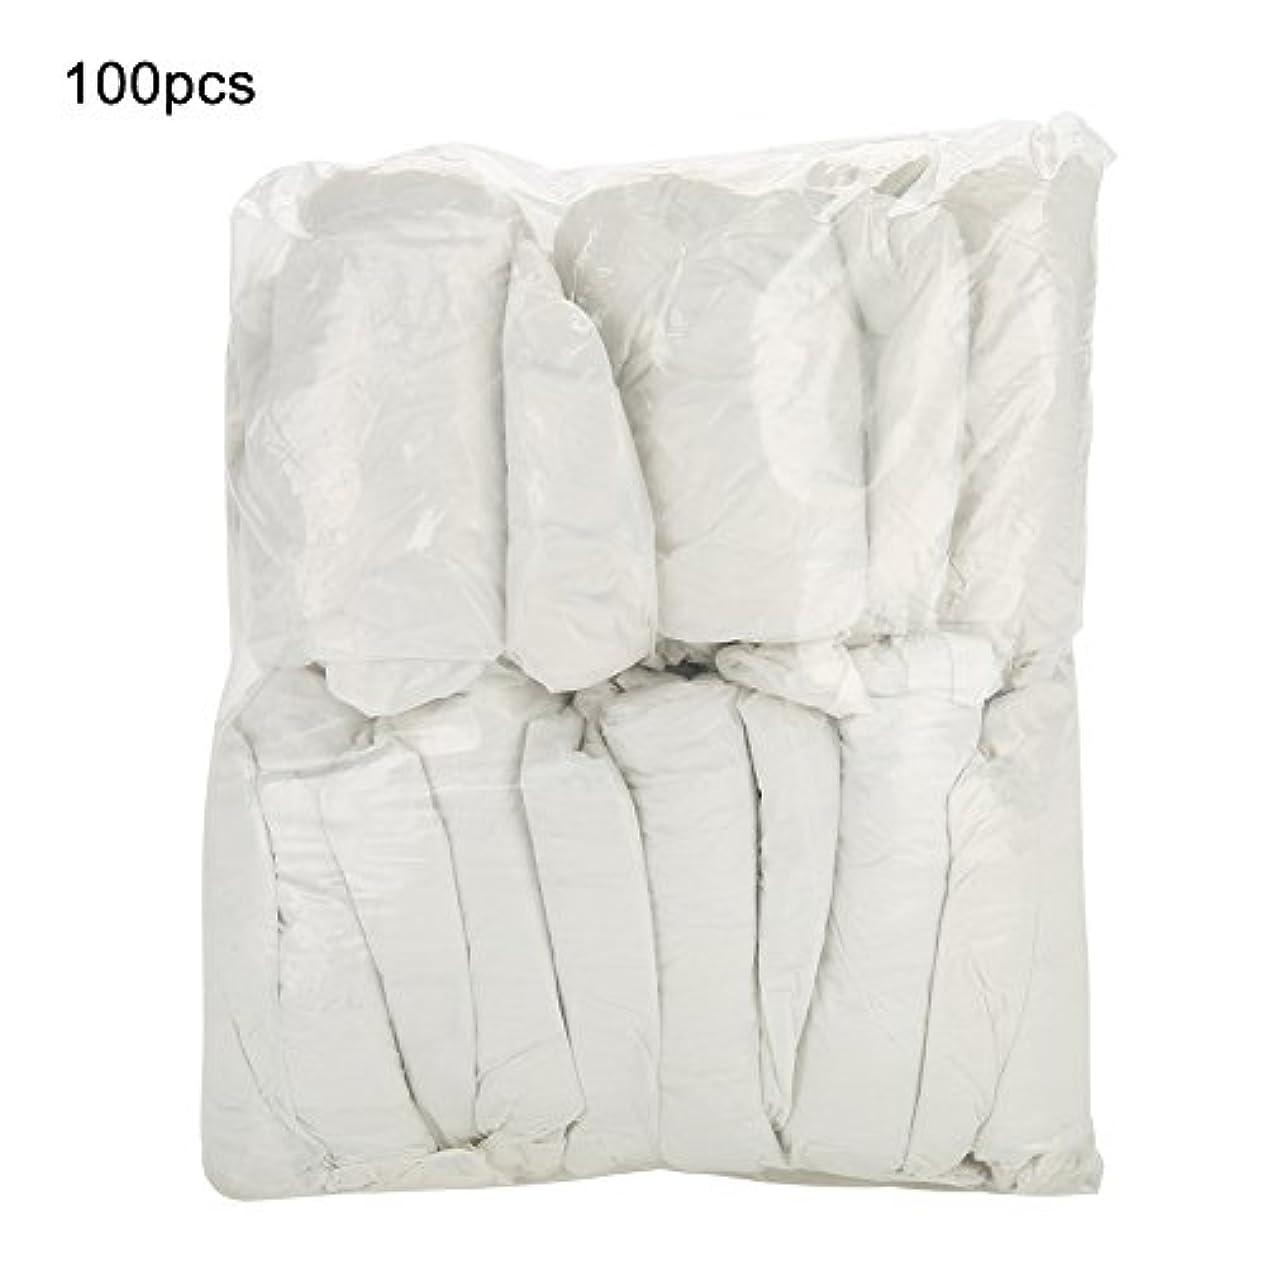 非効率的な休日に福祉Semme 100pcs / bag使い捨てPlasticTattooスリーブ、滅菌タトゥーアームスリーブスリーブレットカバー保護